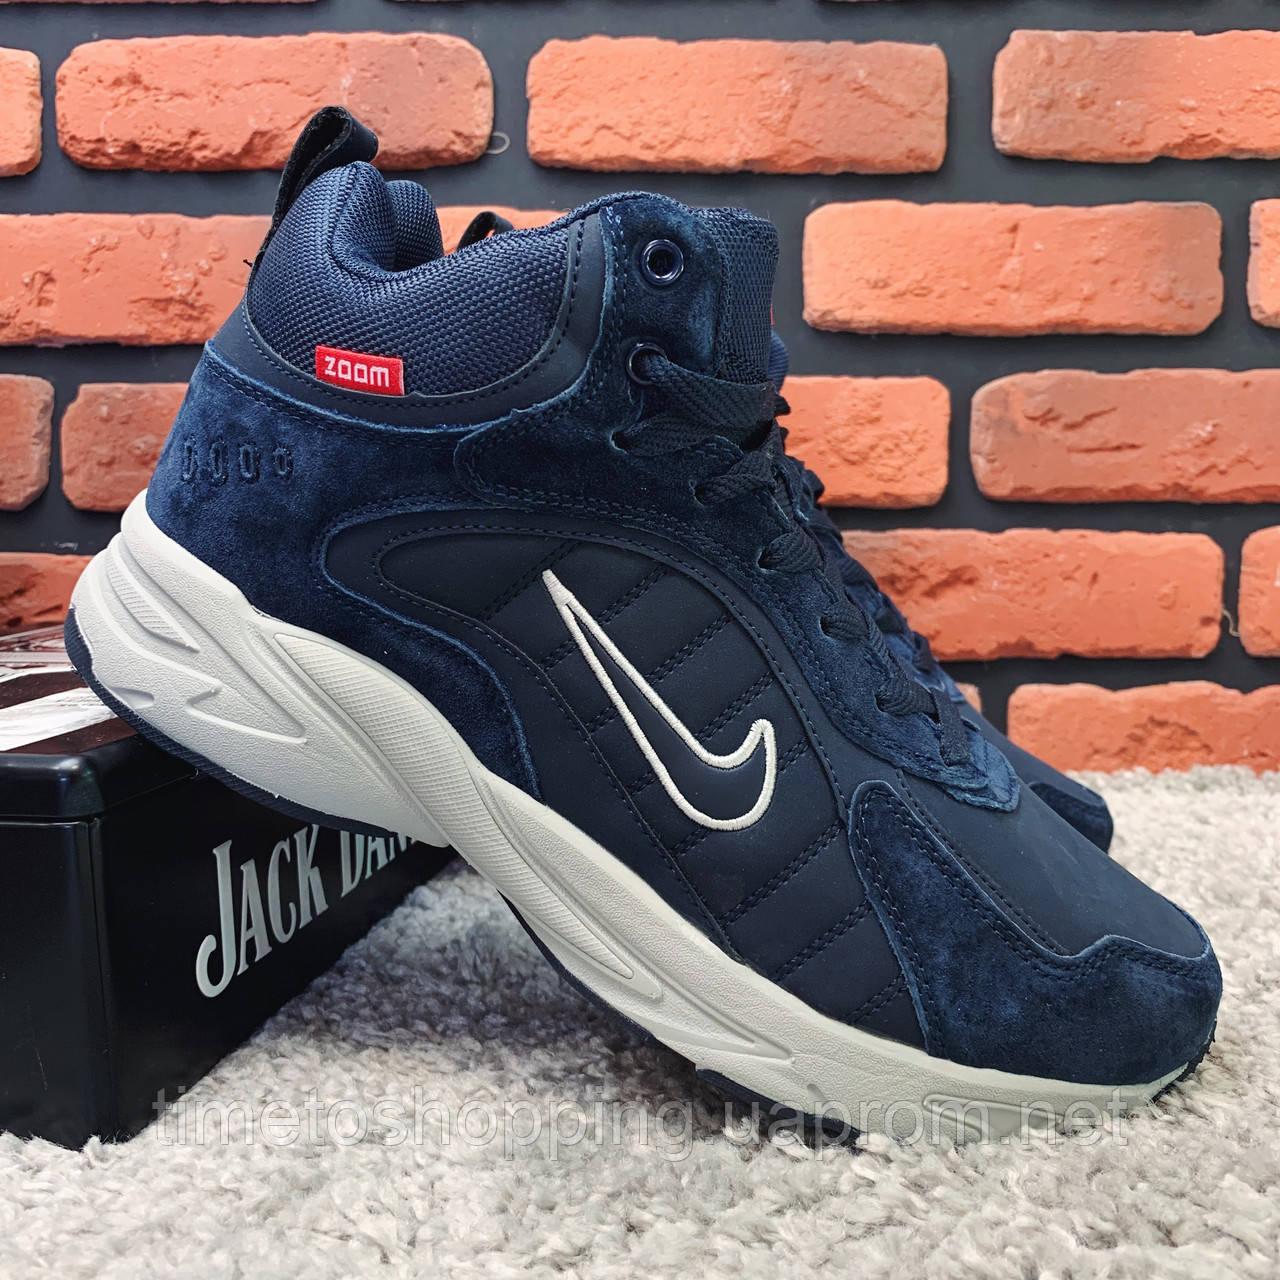 Зимние кроссовки (на меху) мужские Nike Zoom 1-026 (реплика) ⏩ [ТОЛЬКО 41, 43 РАЗМЕР]